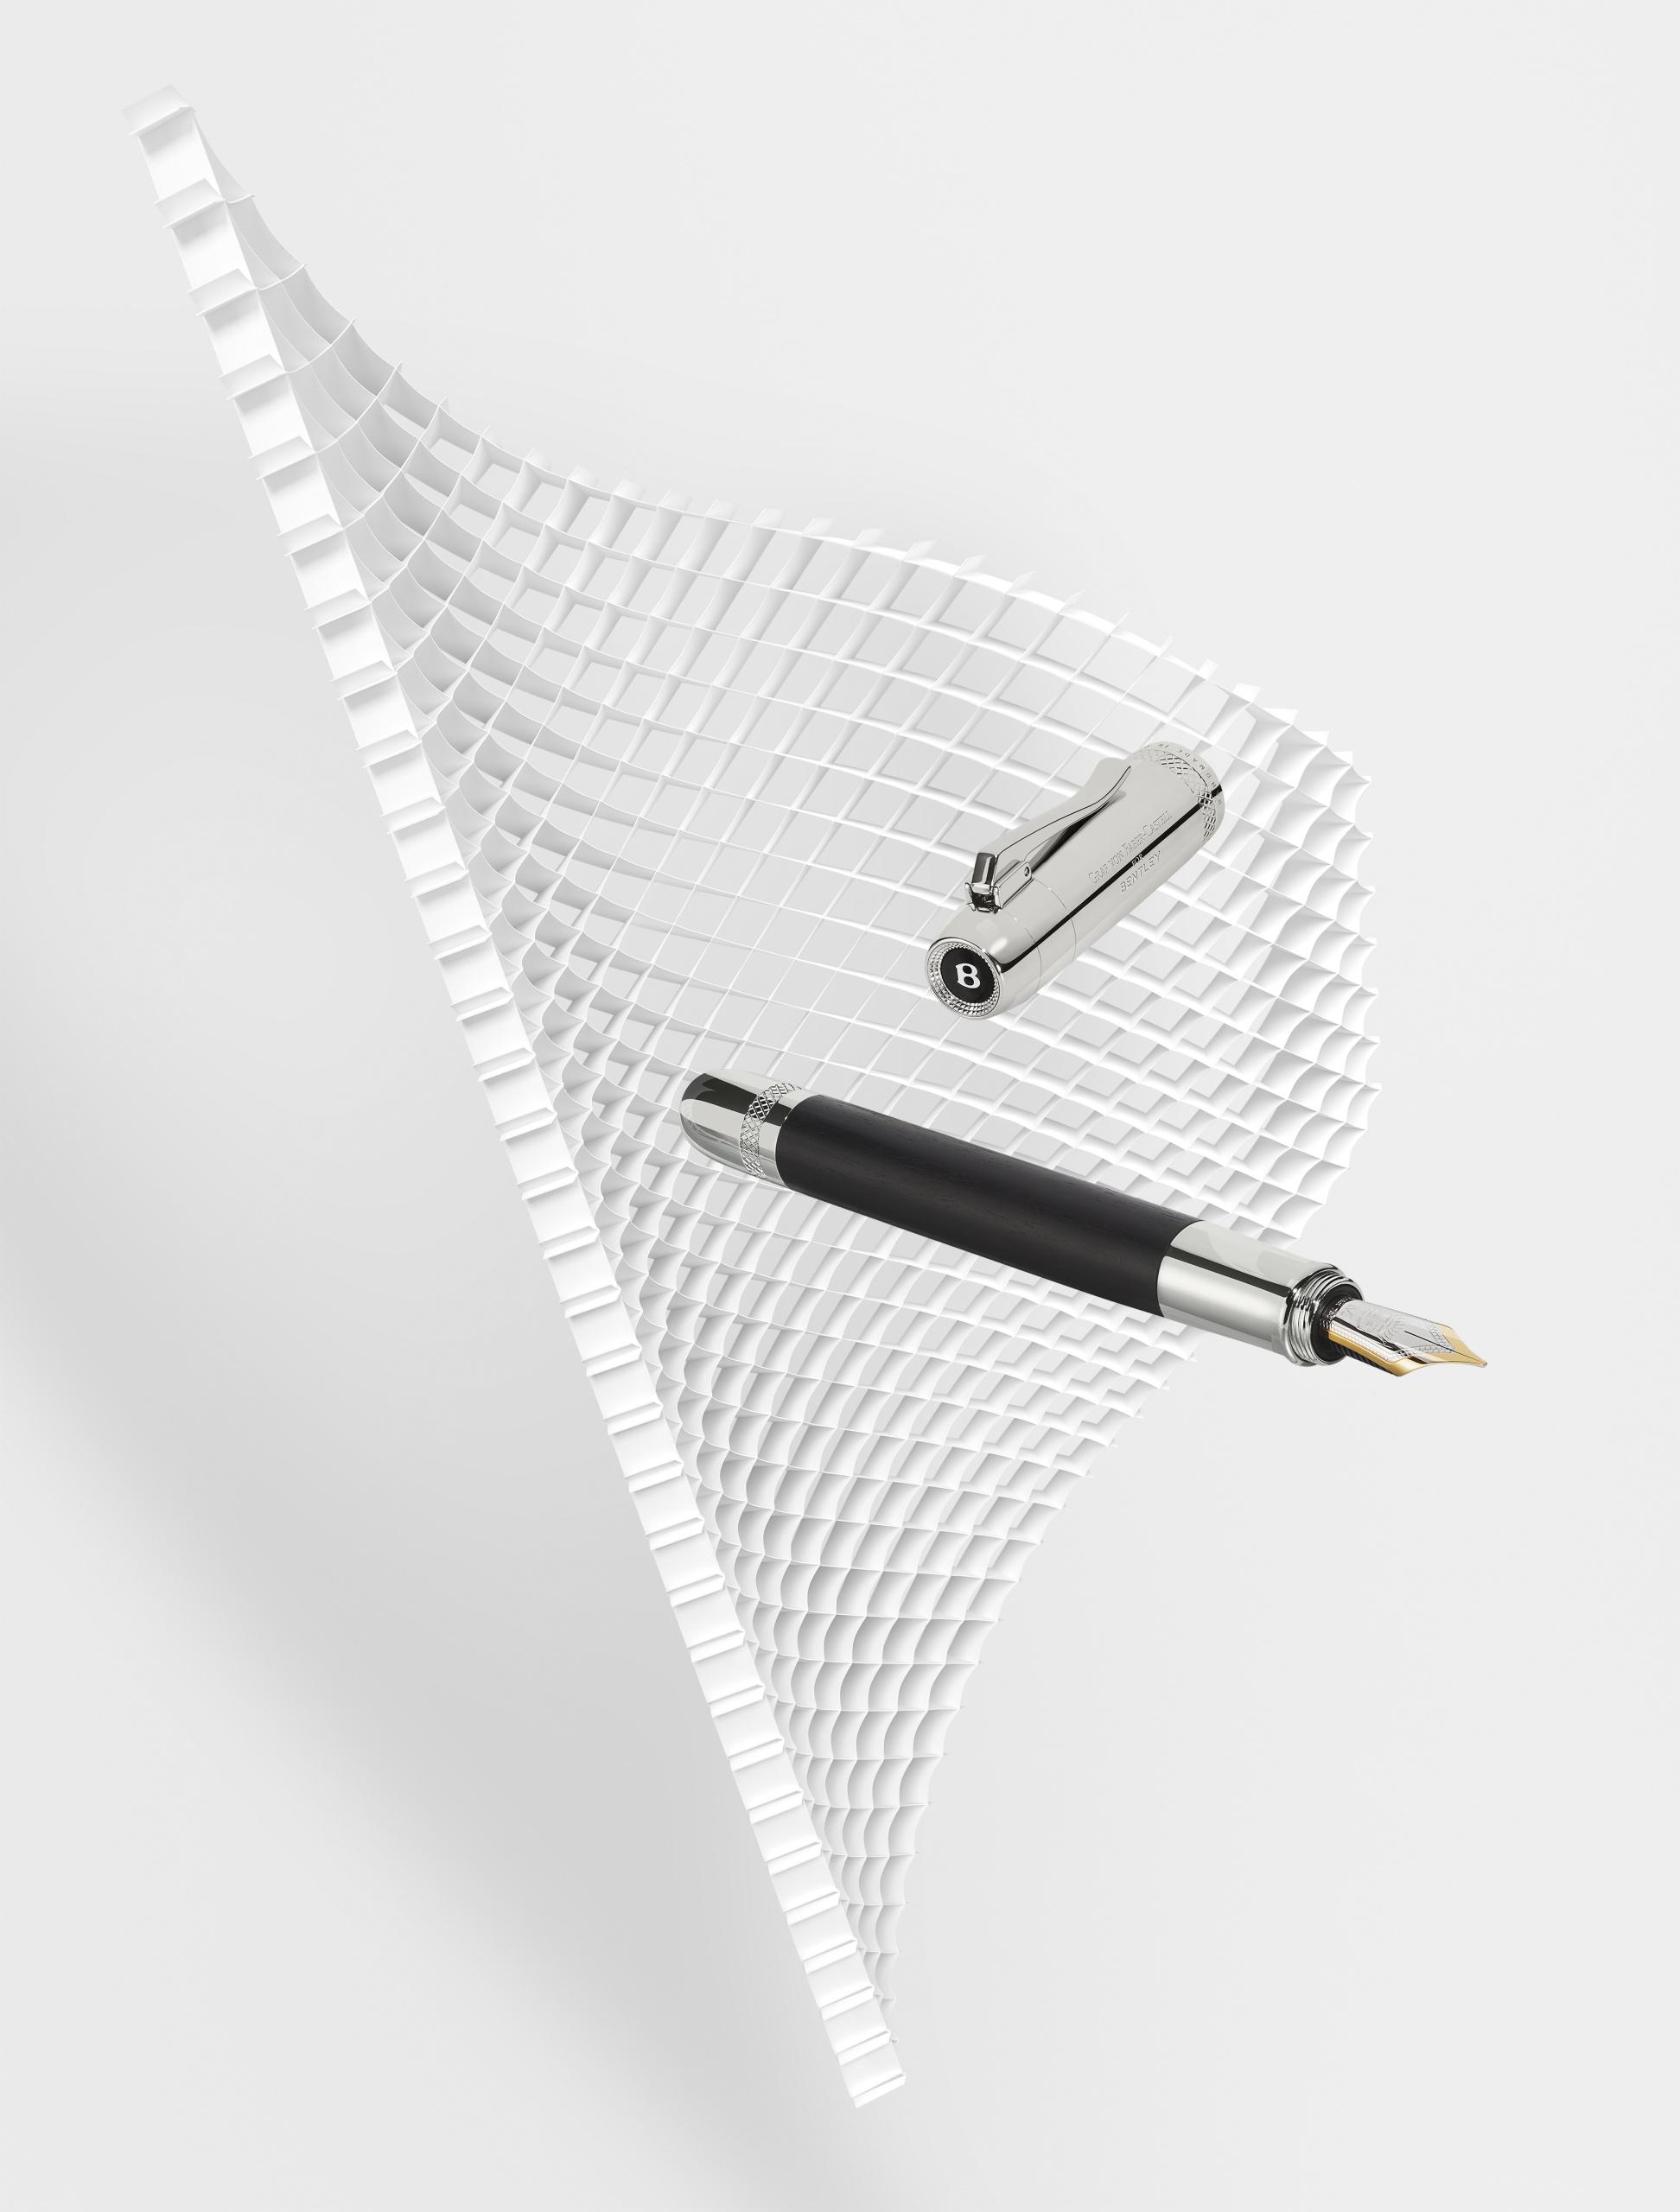 Bentley Motors и Graf von Faber-Castell представляют новую эксклюзивную коллекцию роскошных письменных инструментов